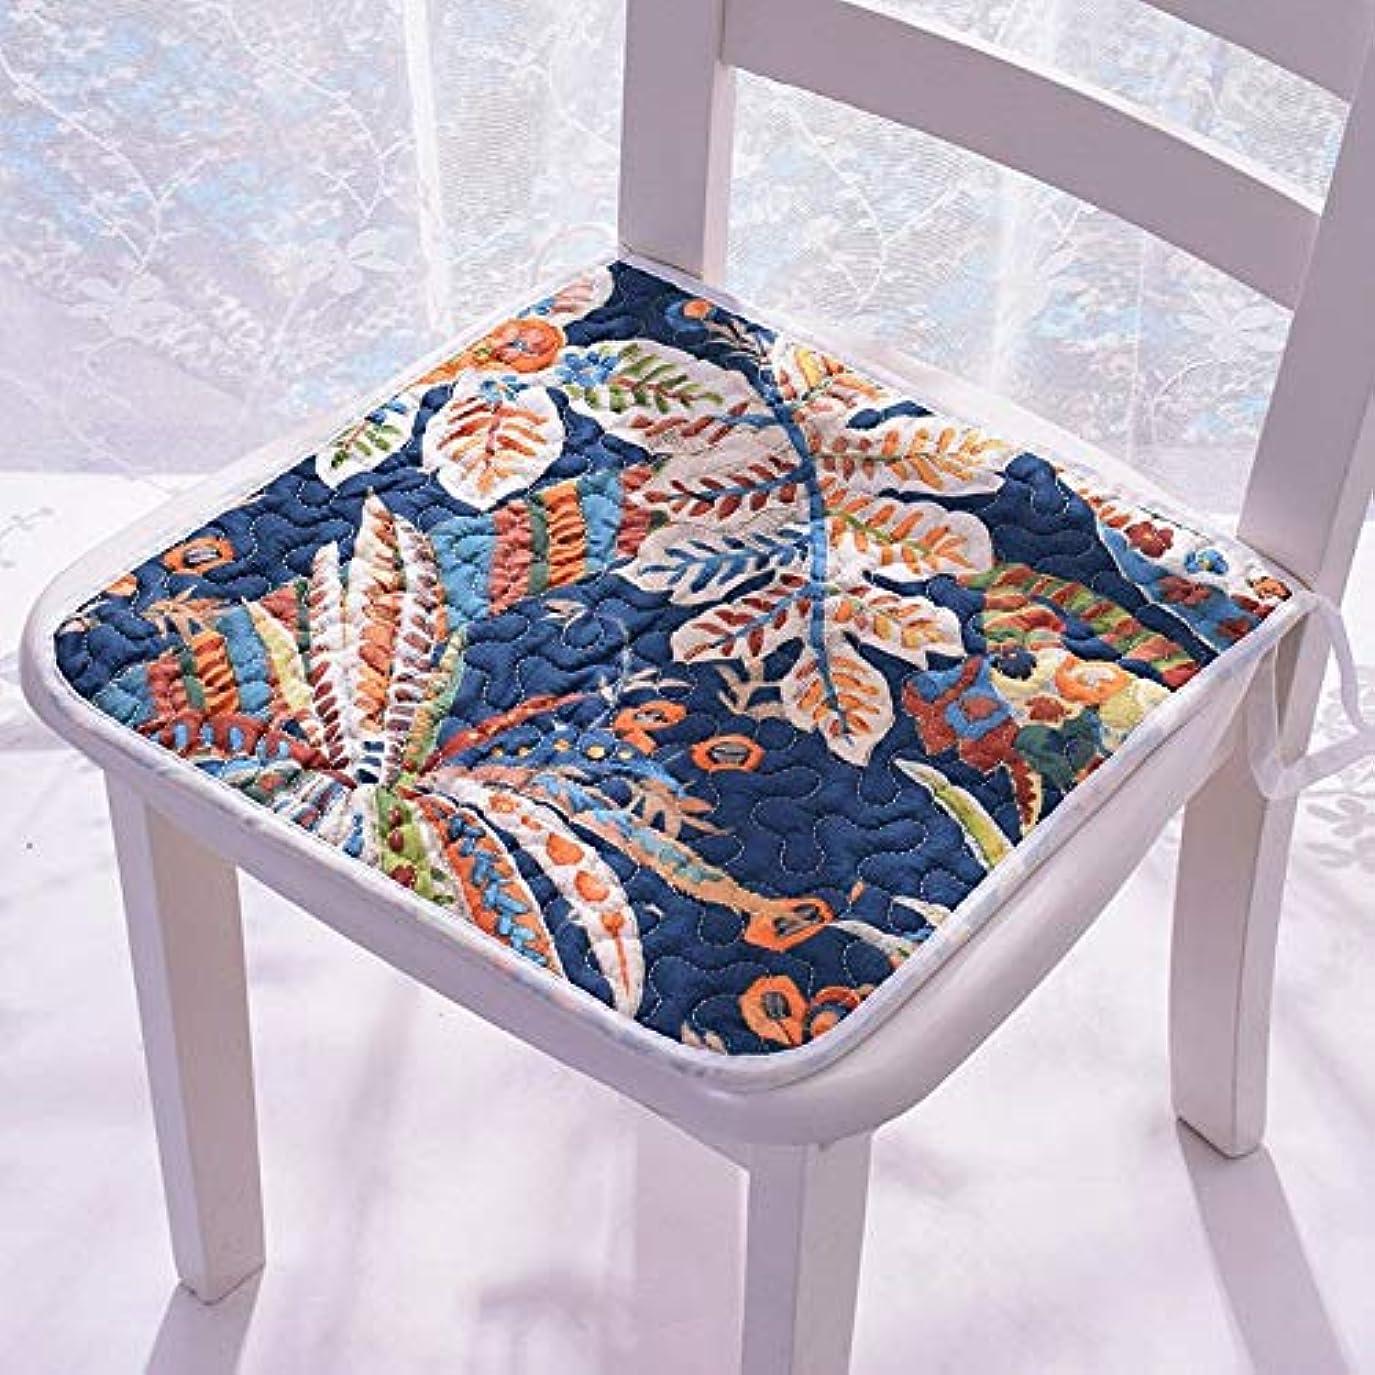 シャーロックホームズサミュエル回転するLIFE 現代スーパーソフト椅子クッション非スリップシートクッションマットソファホームデコレーションバッククッションチェアパッド 40*40/45*45/50*50 センチメートル クッション 椅子